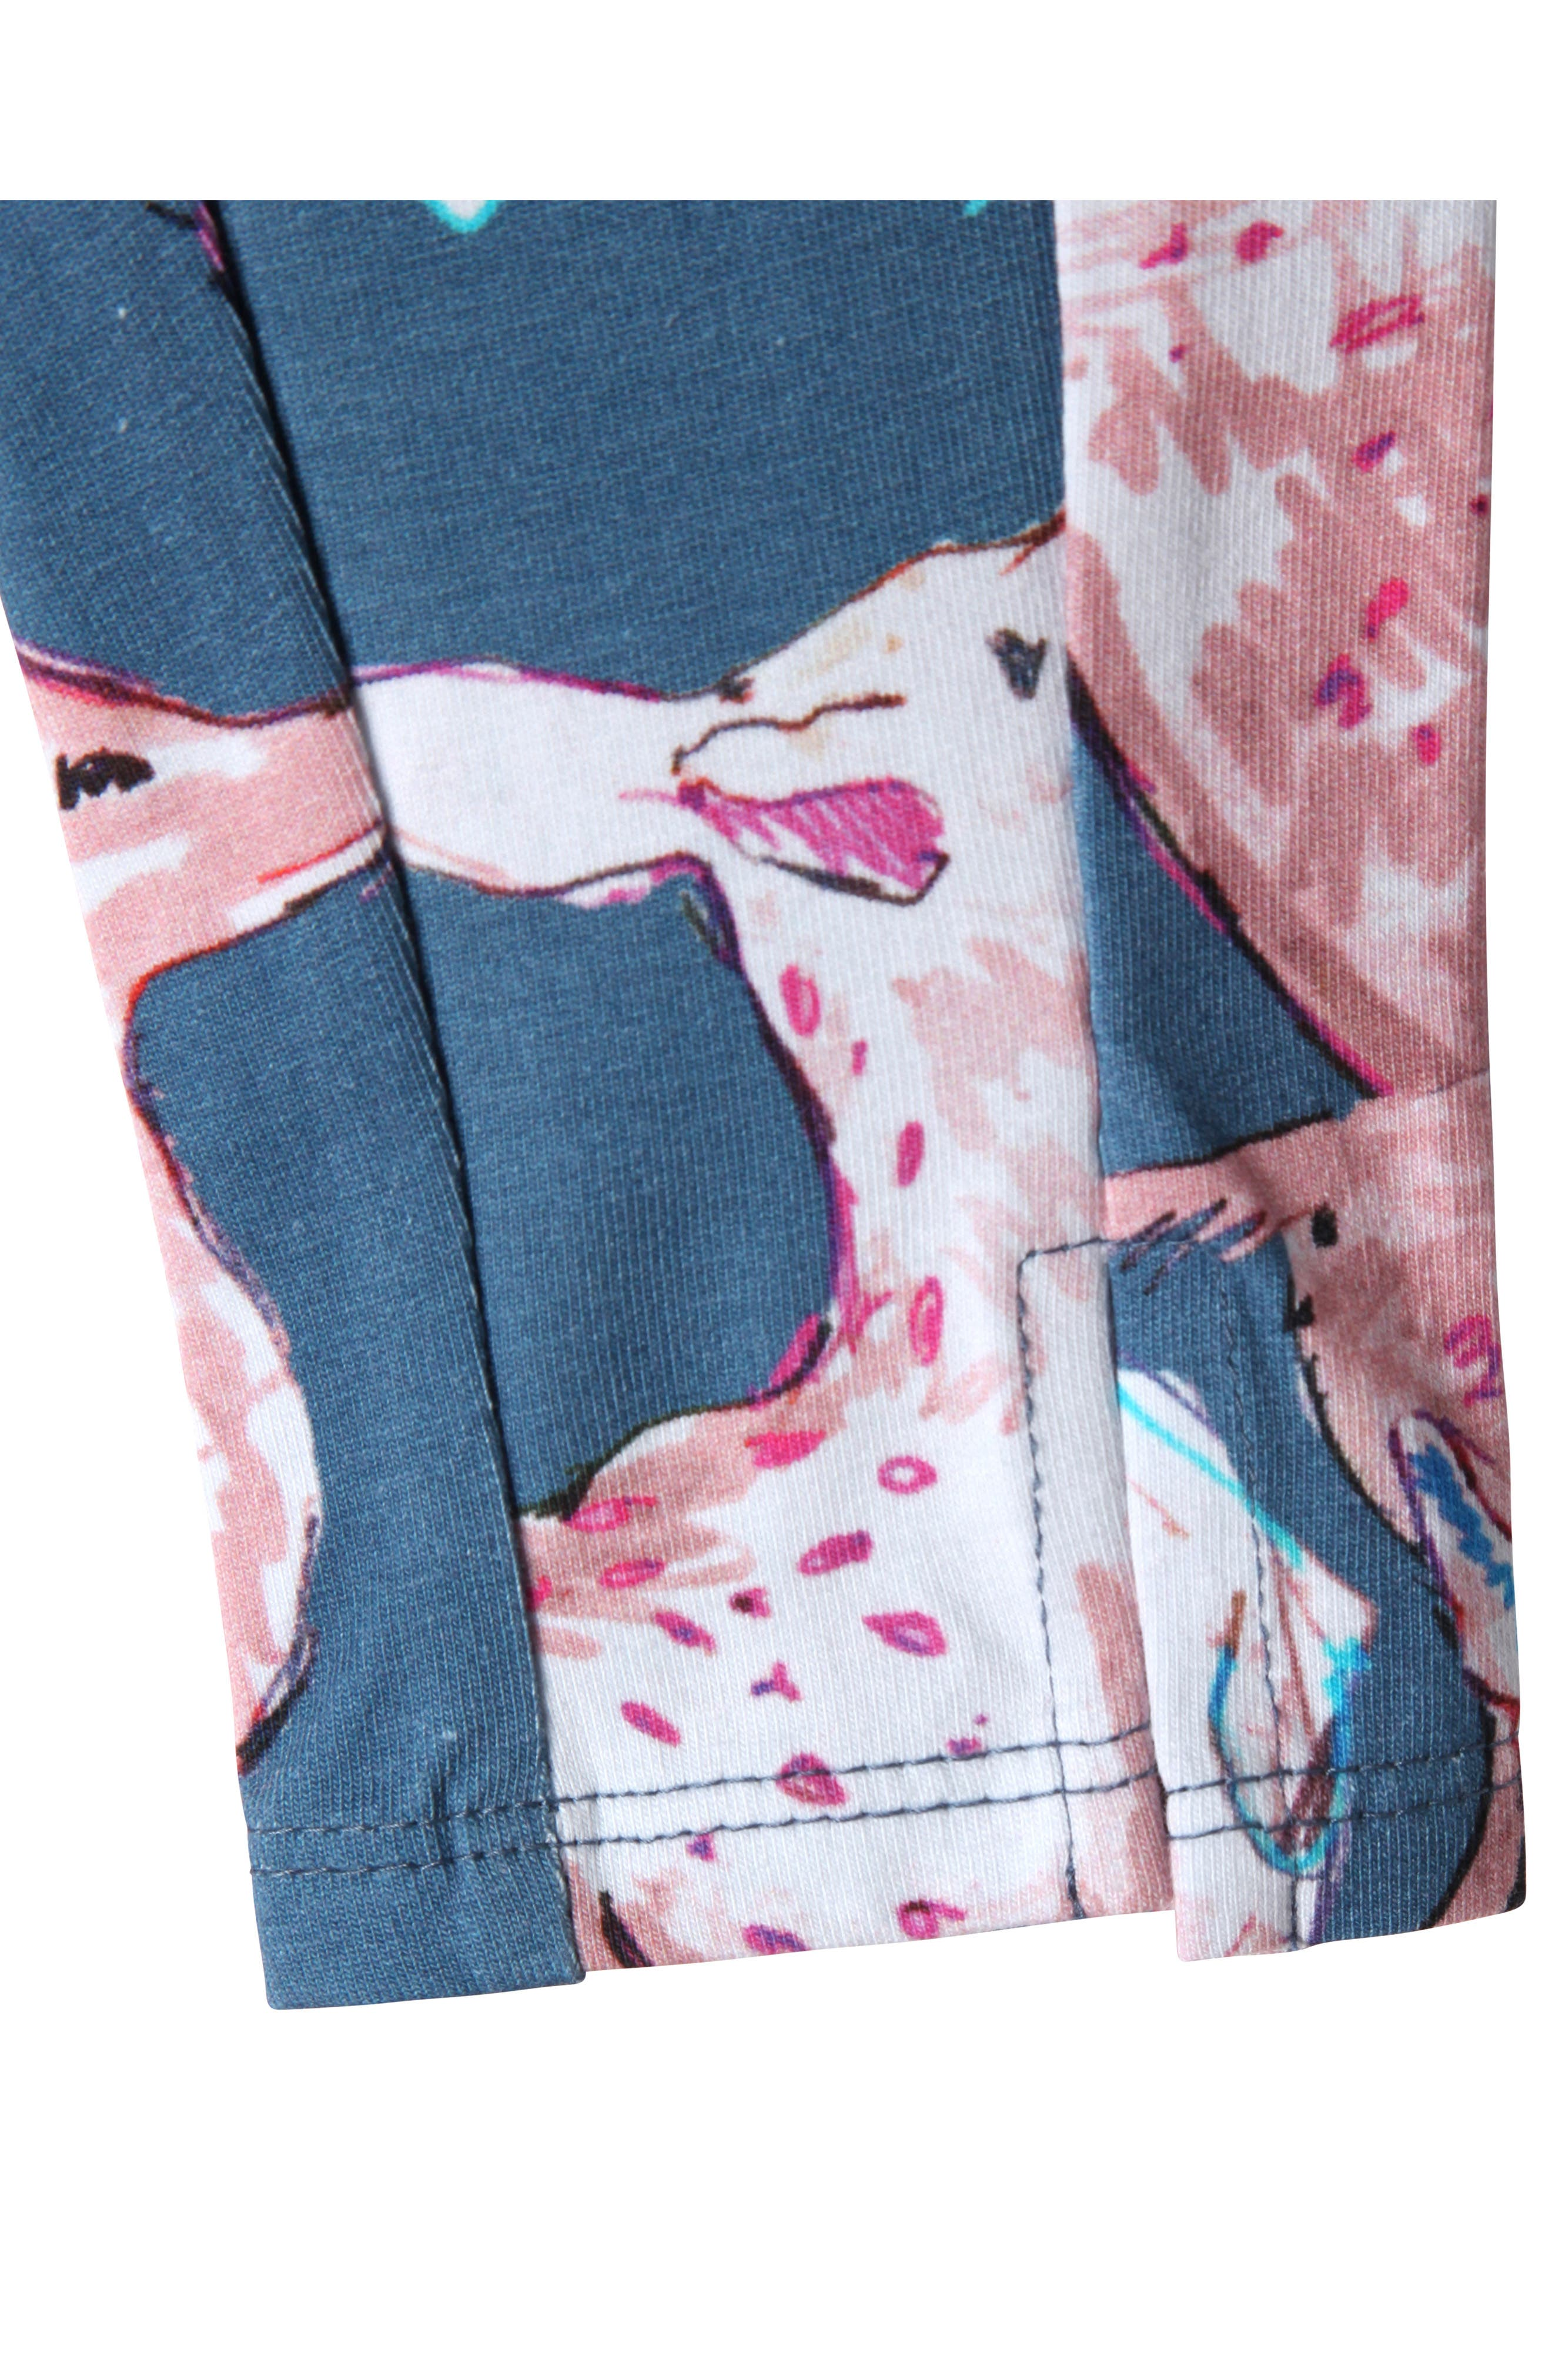 Diane Leggings,                             Main thumbnail 1, color,                             453